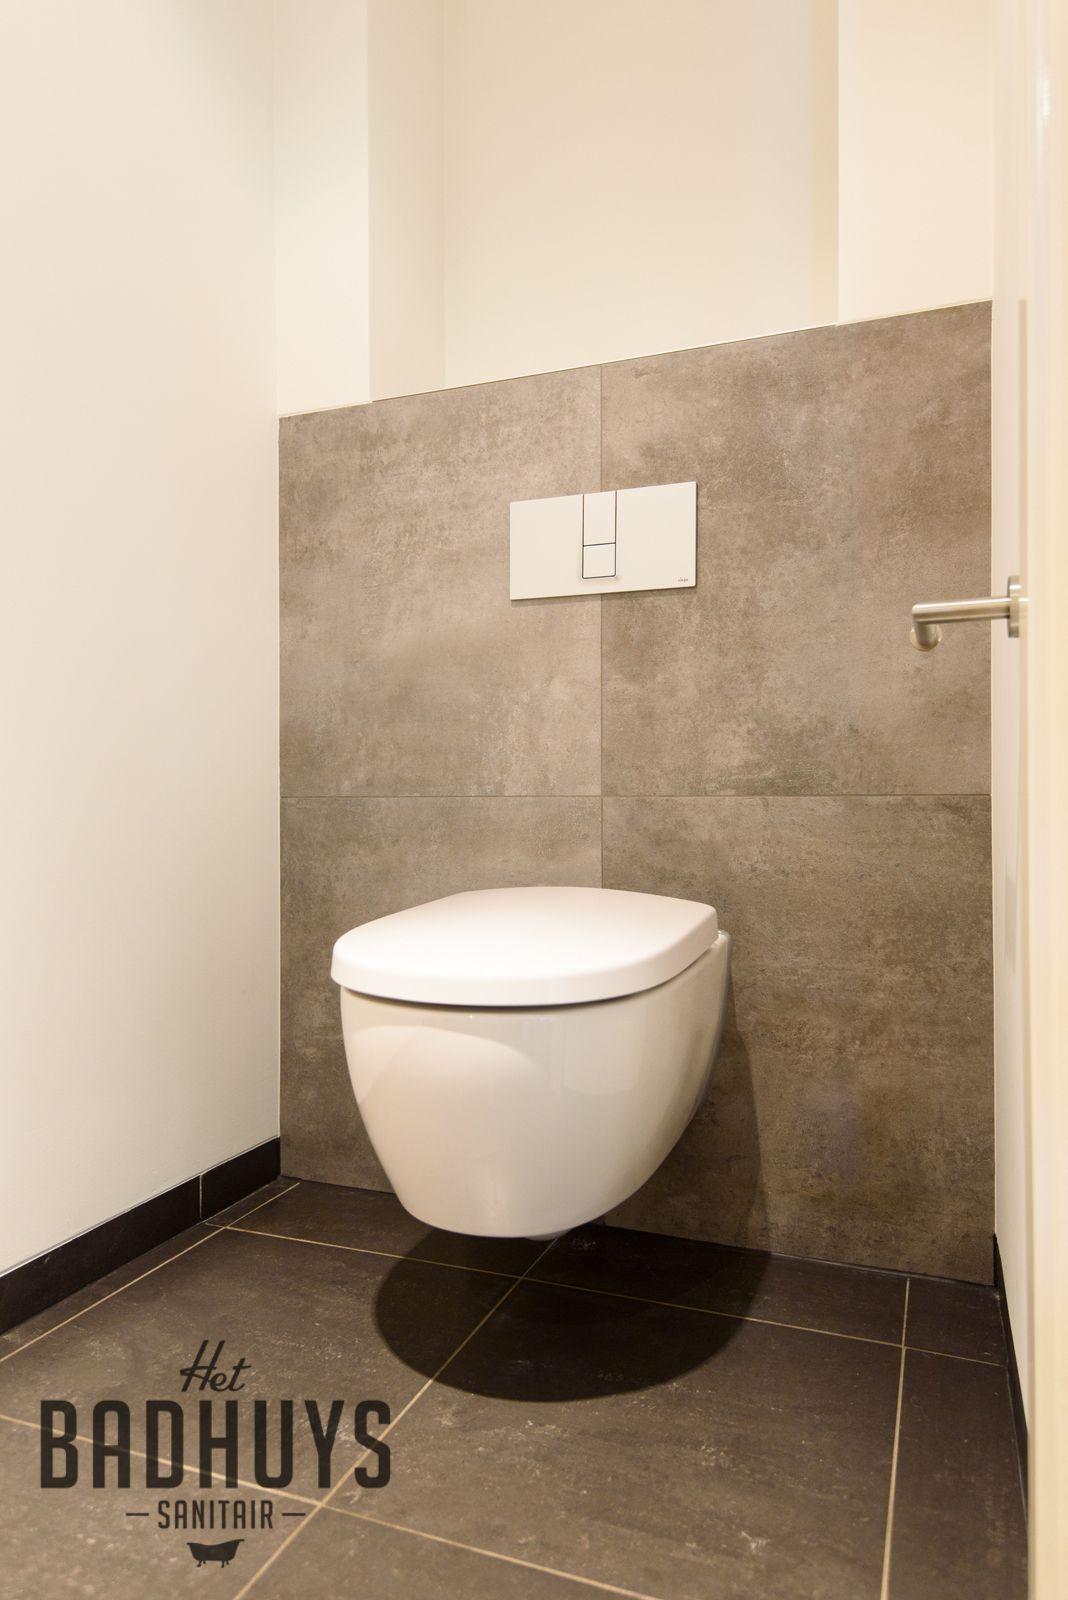 luxe badkamers met gelijke uitstraling het badhuys wc